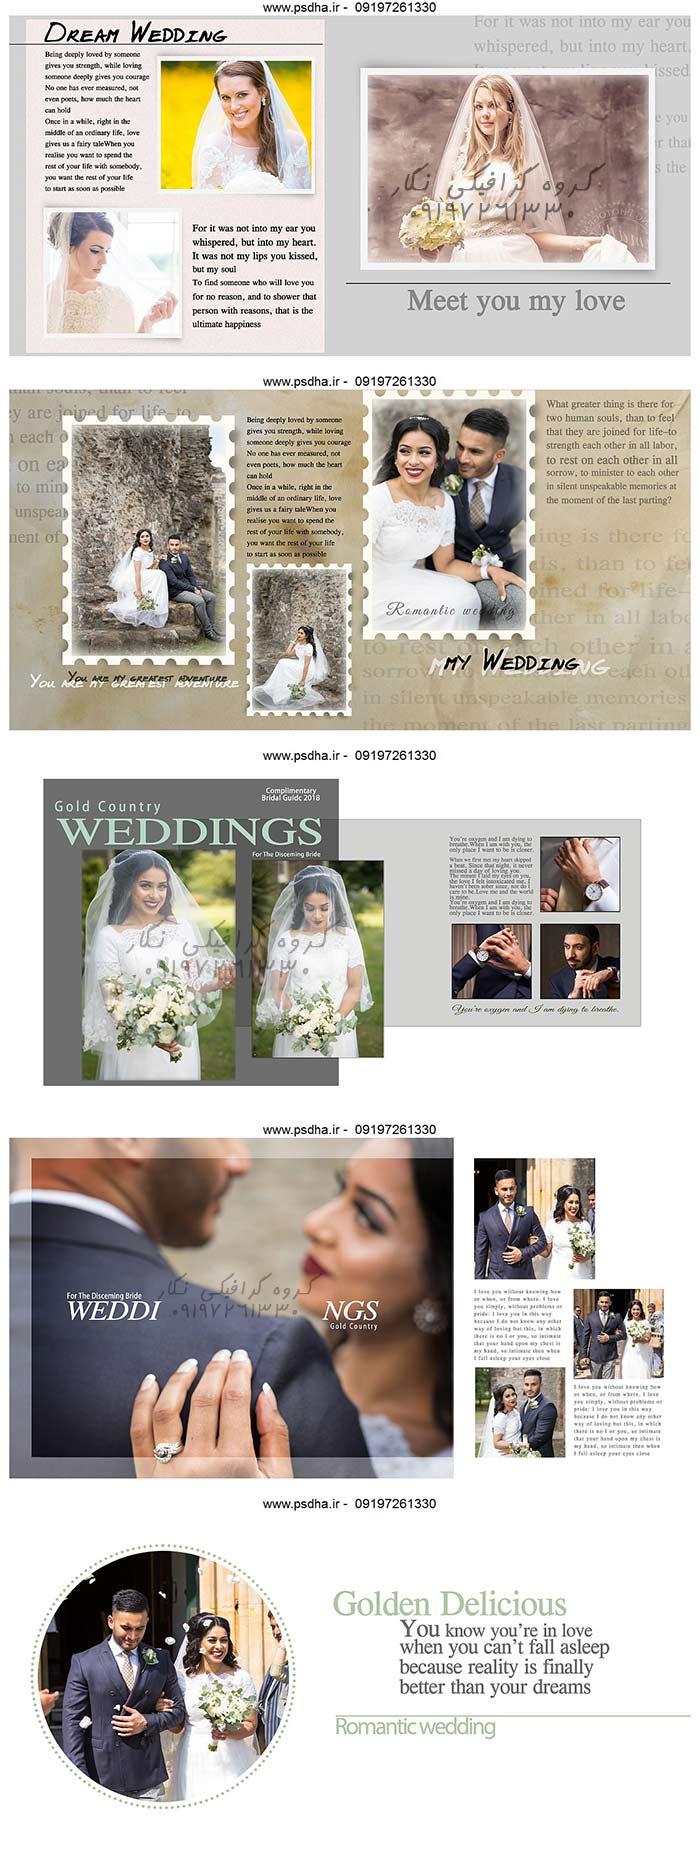 قالب آماده عکس عروسی بصورت ژورنالی